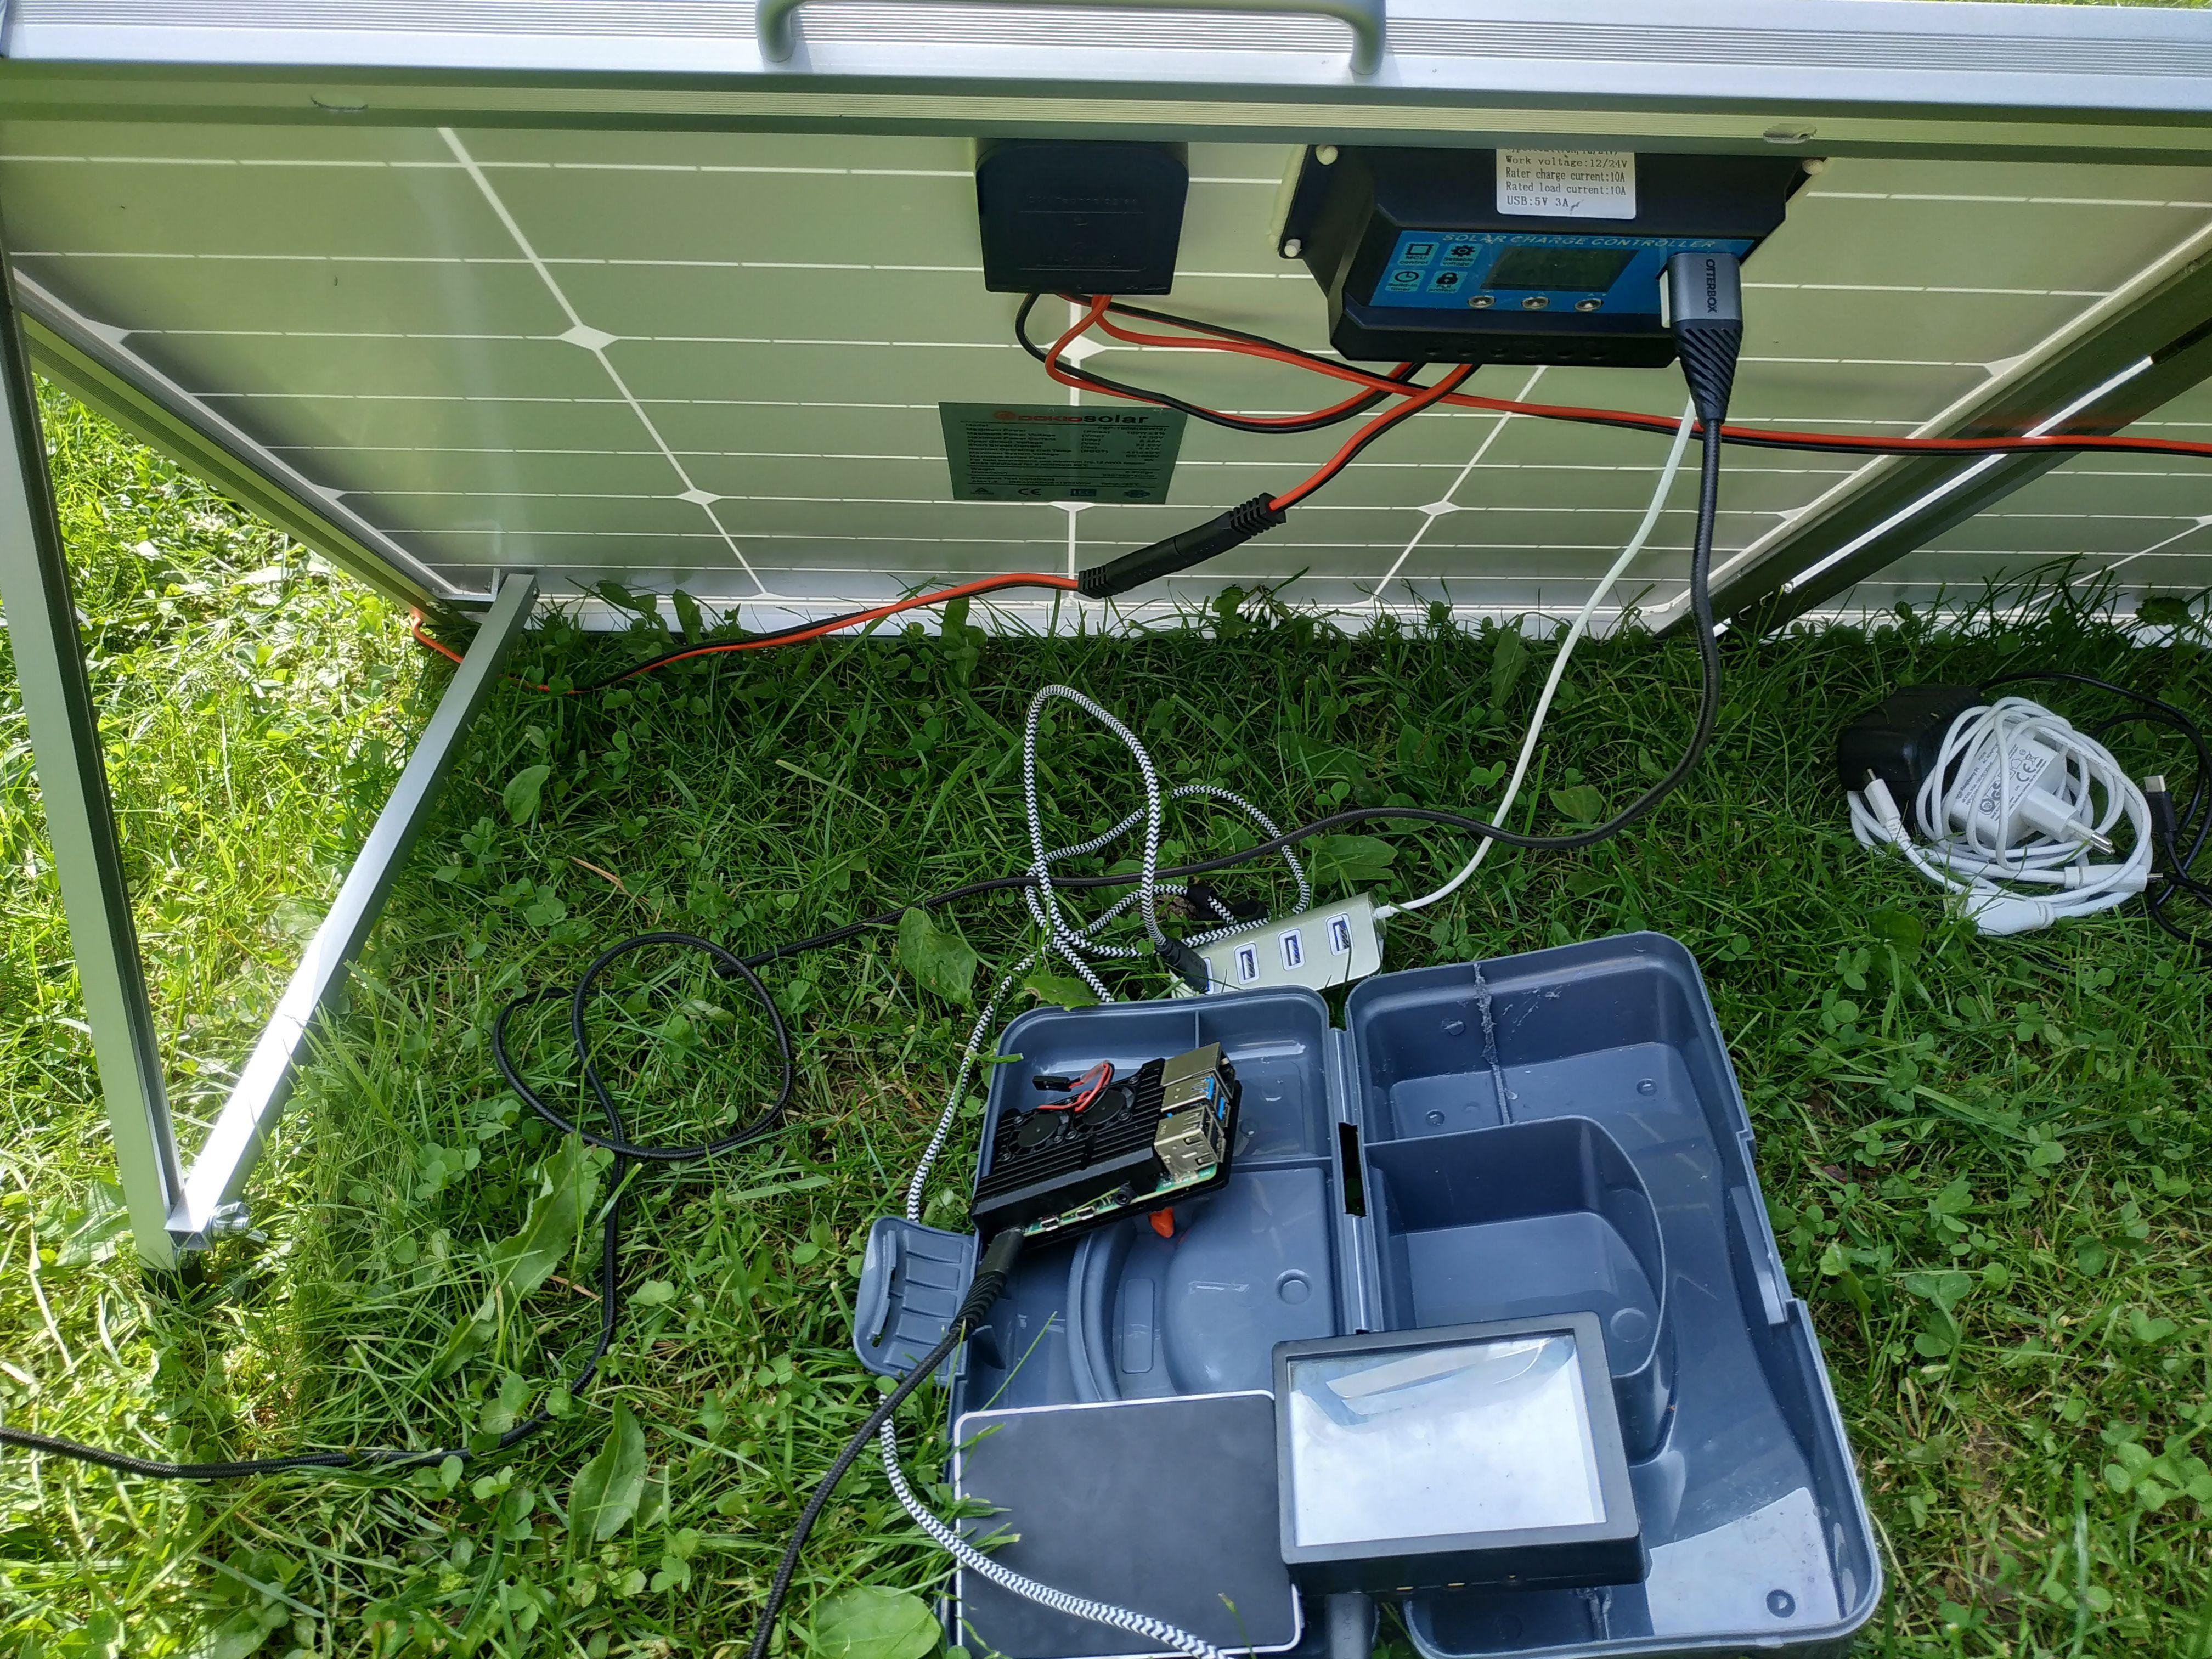 raspberry pies branchés derriere le panneau solaire